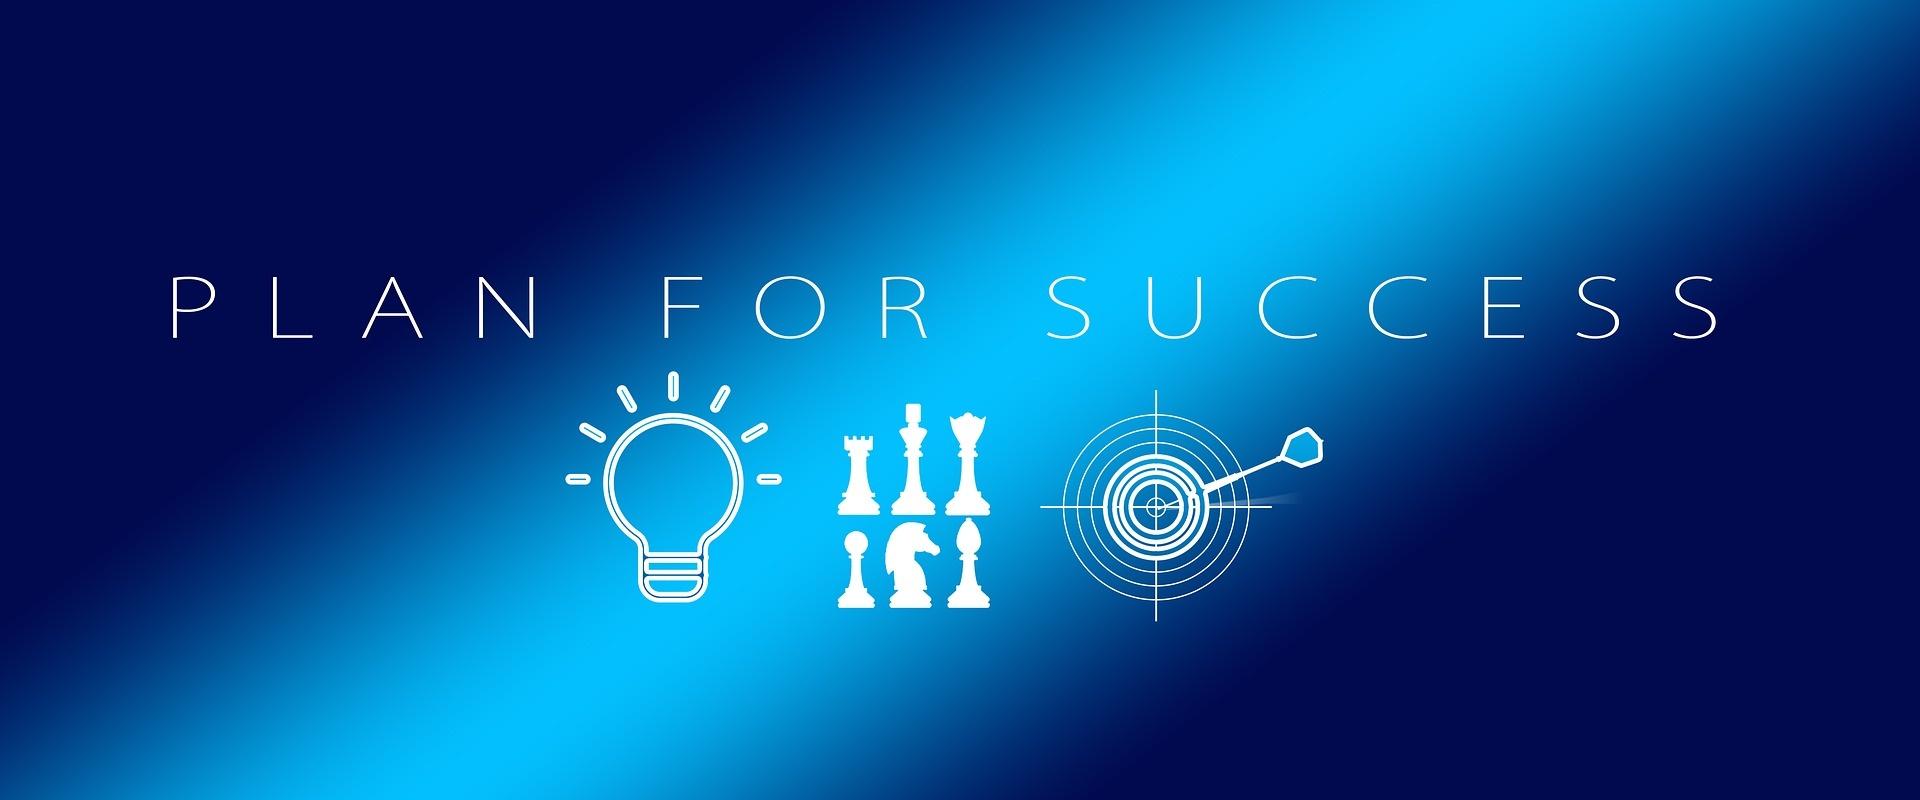 3. Focus & Action